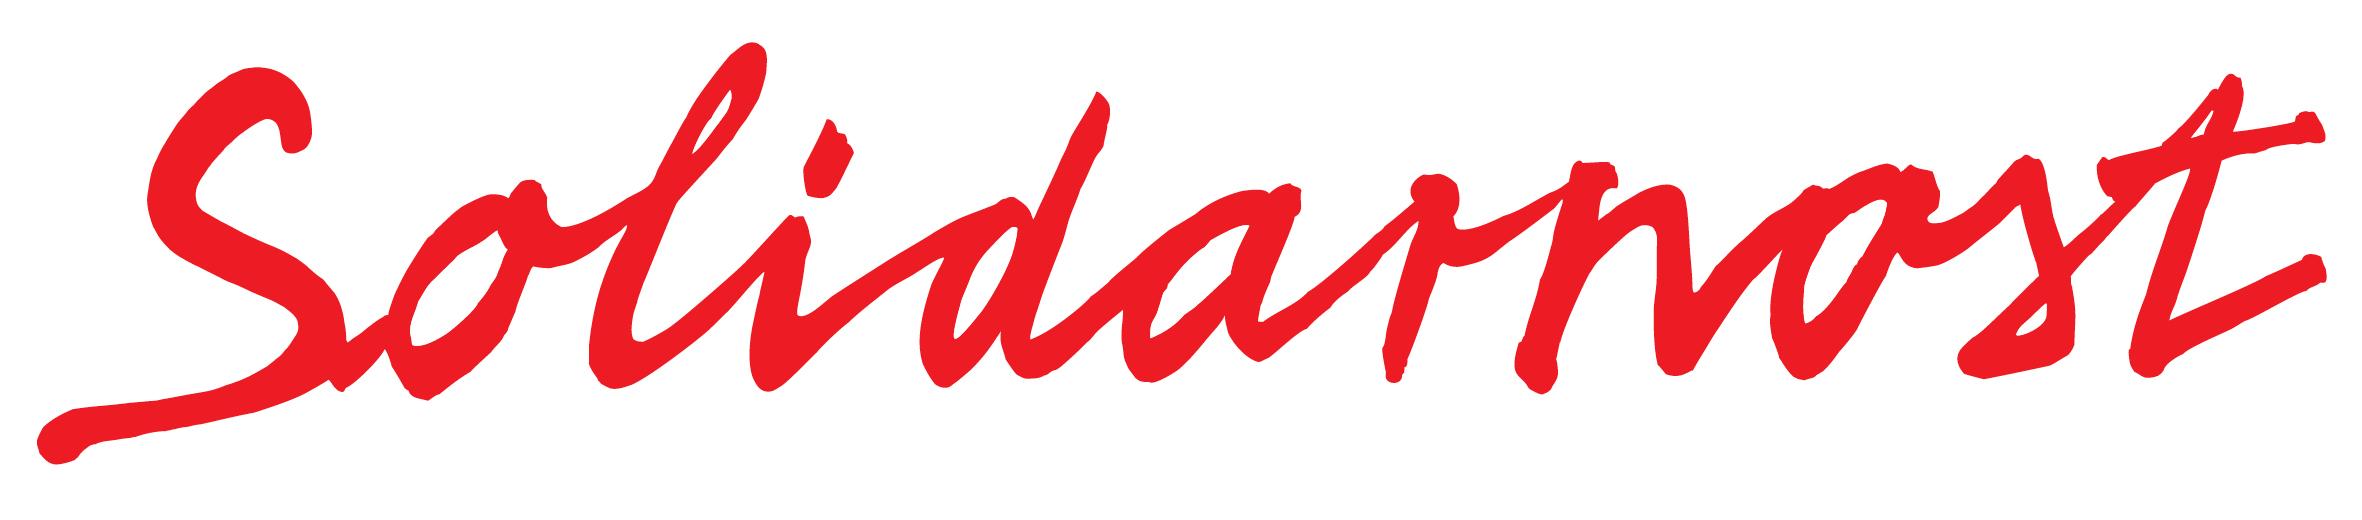 logotip redukcija rgb